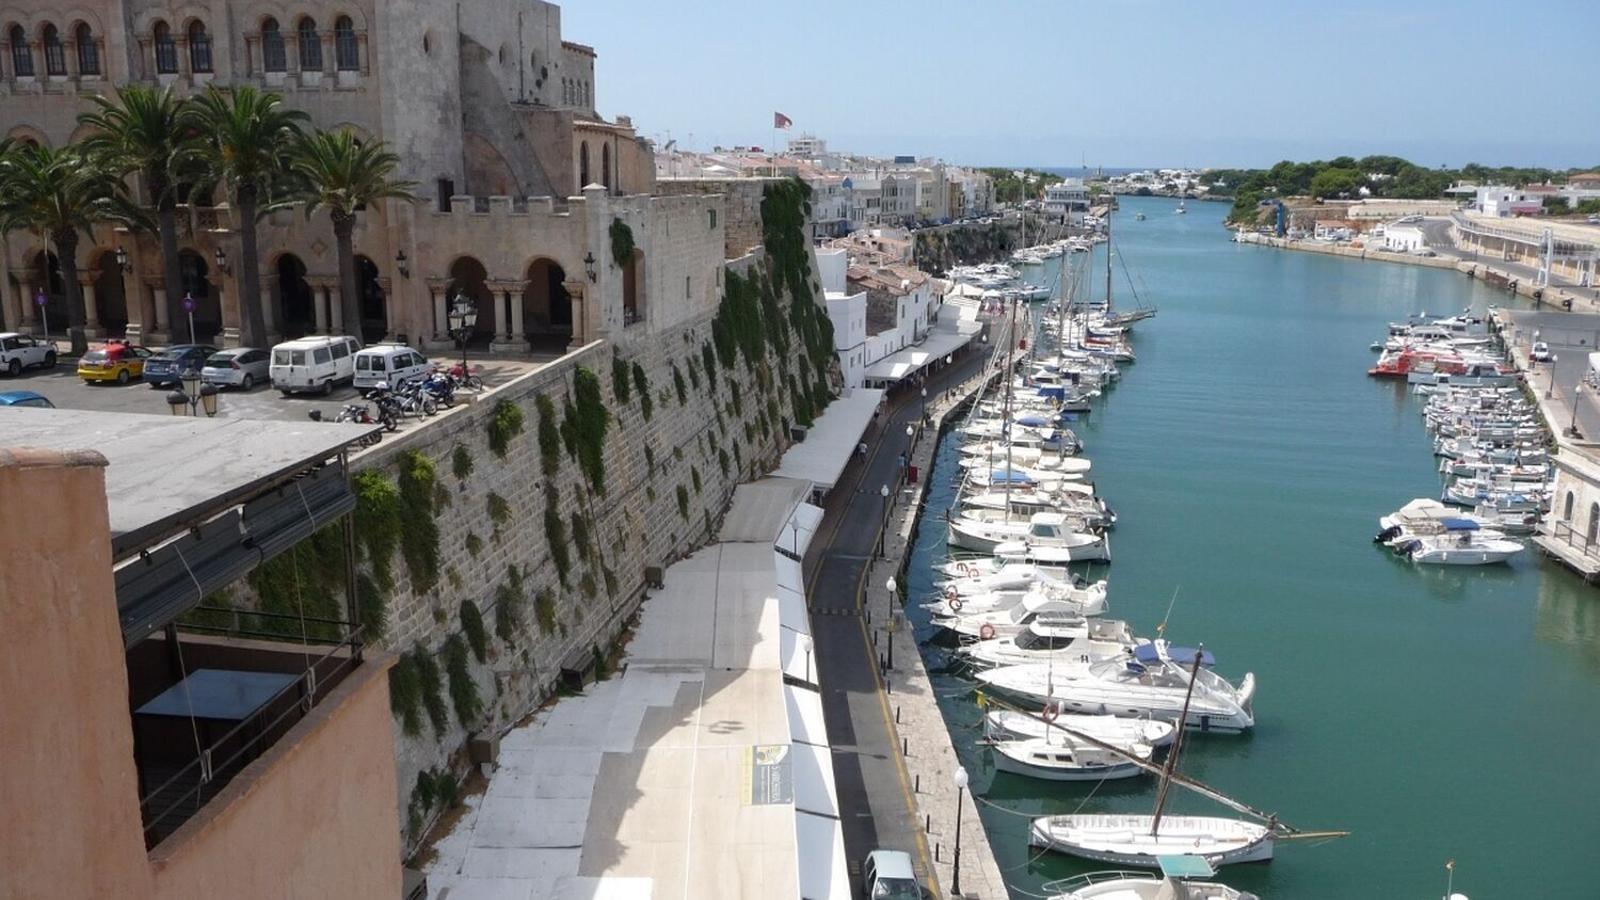 L'adjudicació del varador del port de Ciutadella no ha viscut el seu últim capítol tot i la decisió de Ports IB.